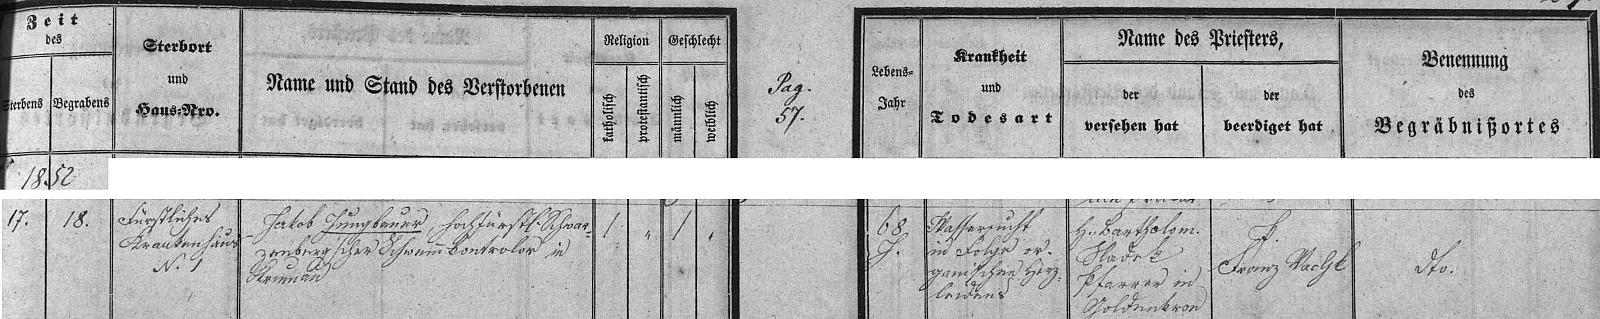 """Záznam o úmrtí a pohřbu v krumlovské matrice uvádí věk zemřelého 68 let a hřbitov u sv. Martina jako místo jeho posledního odpočinku, příčinou úmrtí byla """"vodnatelnost jako následek srdeční choroby"""""""